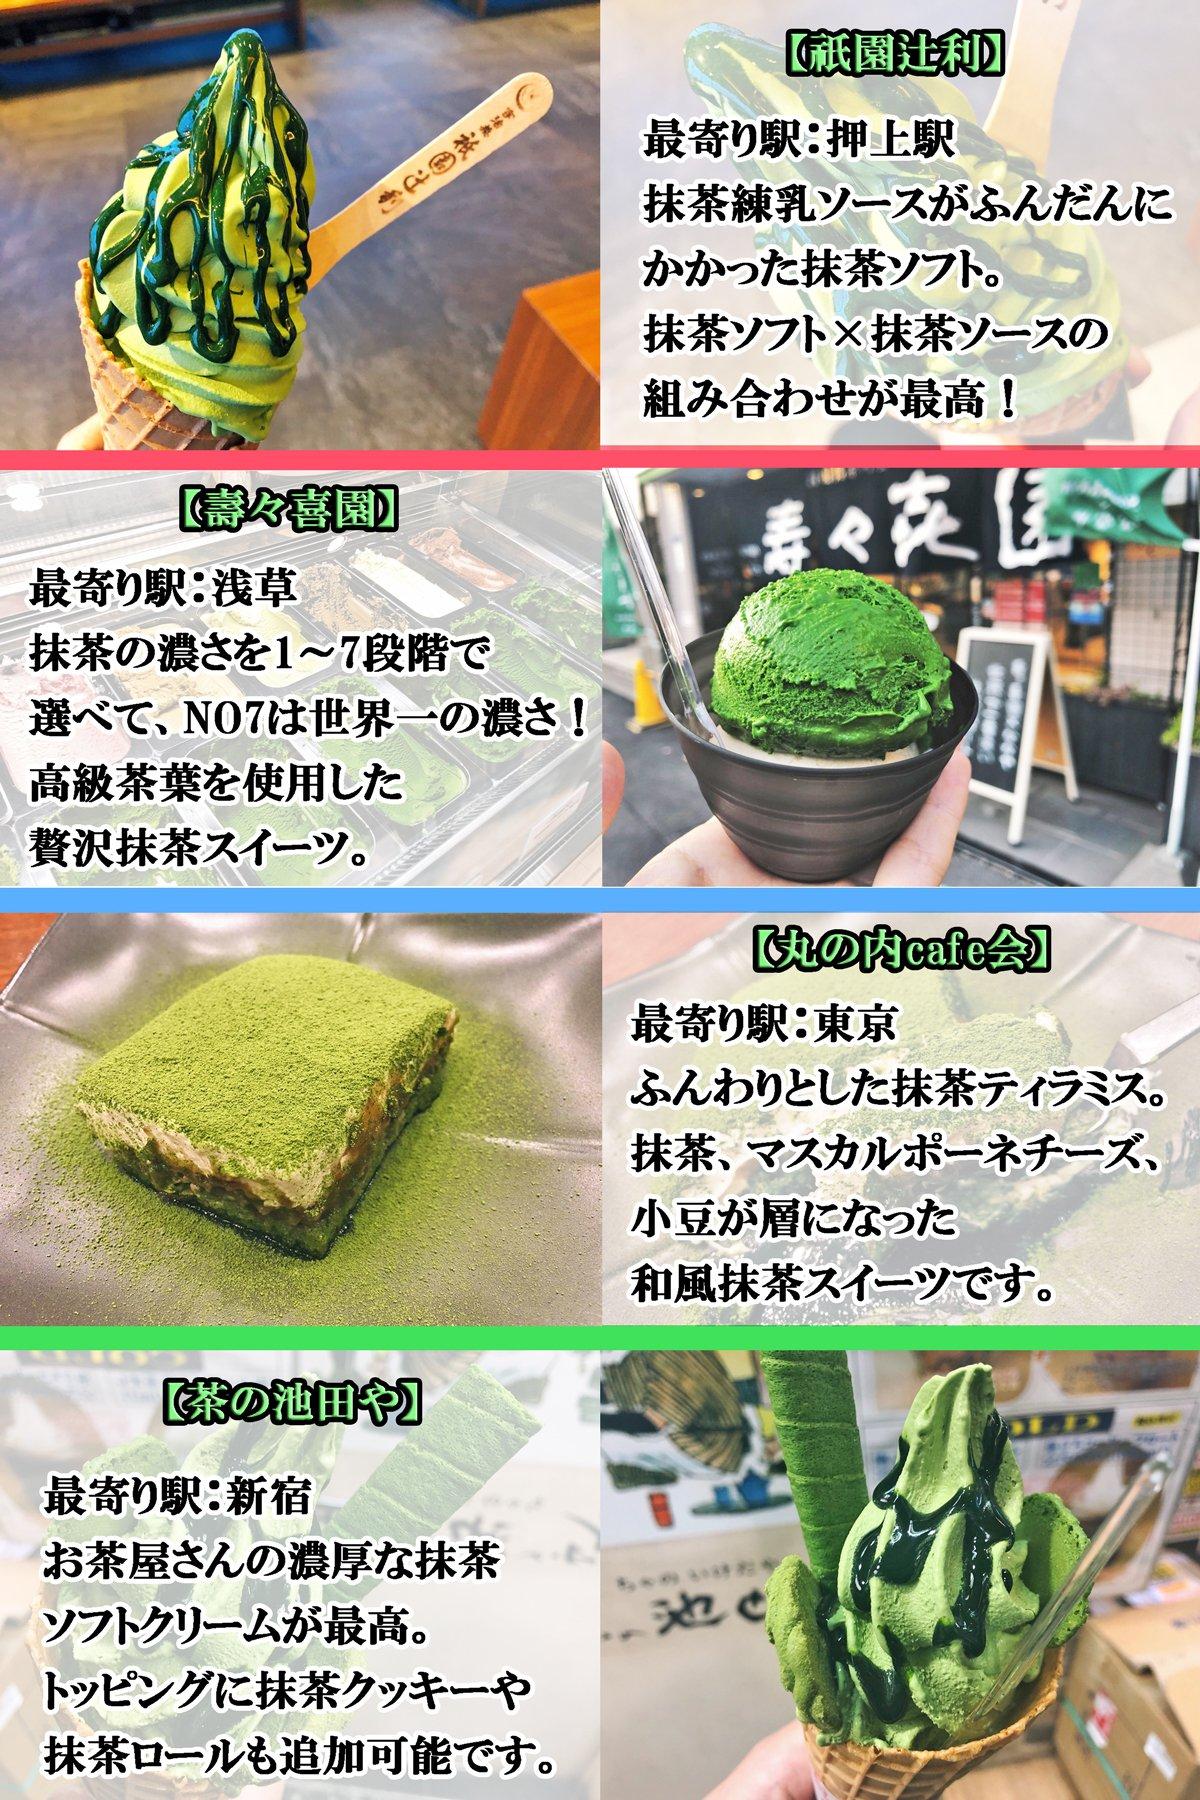 東京で絶対に食べてほしい抹茶スイーツをまとめました! 濃厚かつほろ苦さのある奥深い味がたまらない逸品ばかりです…。 抹茶巡りの参考にしてもらえると嬉しいです✨